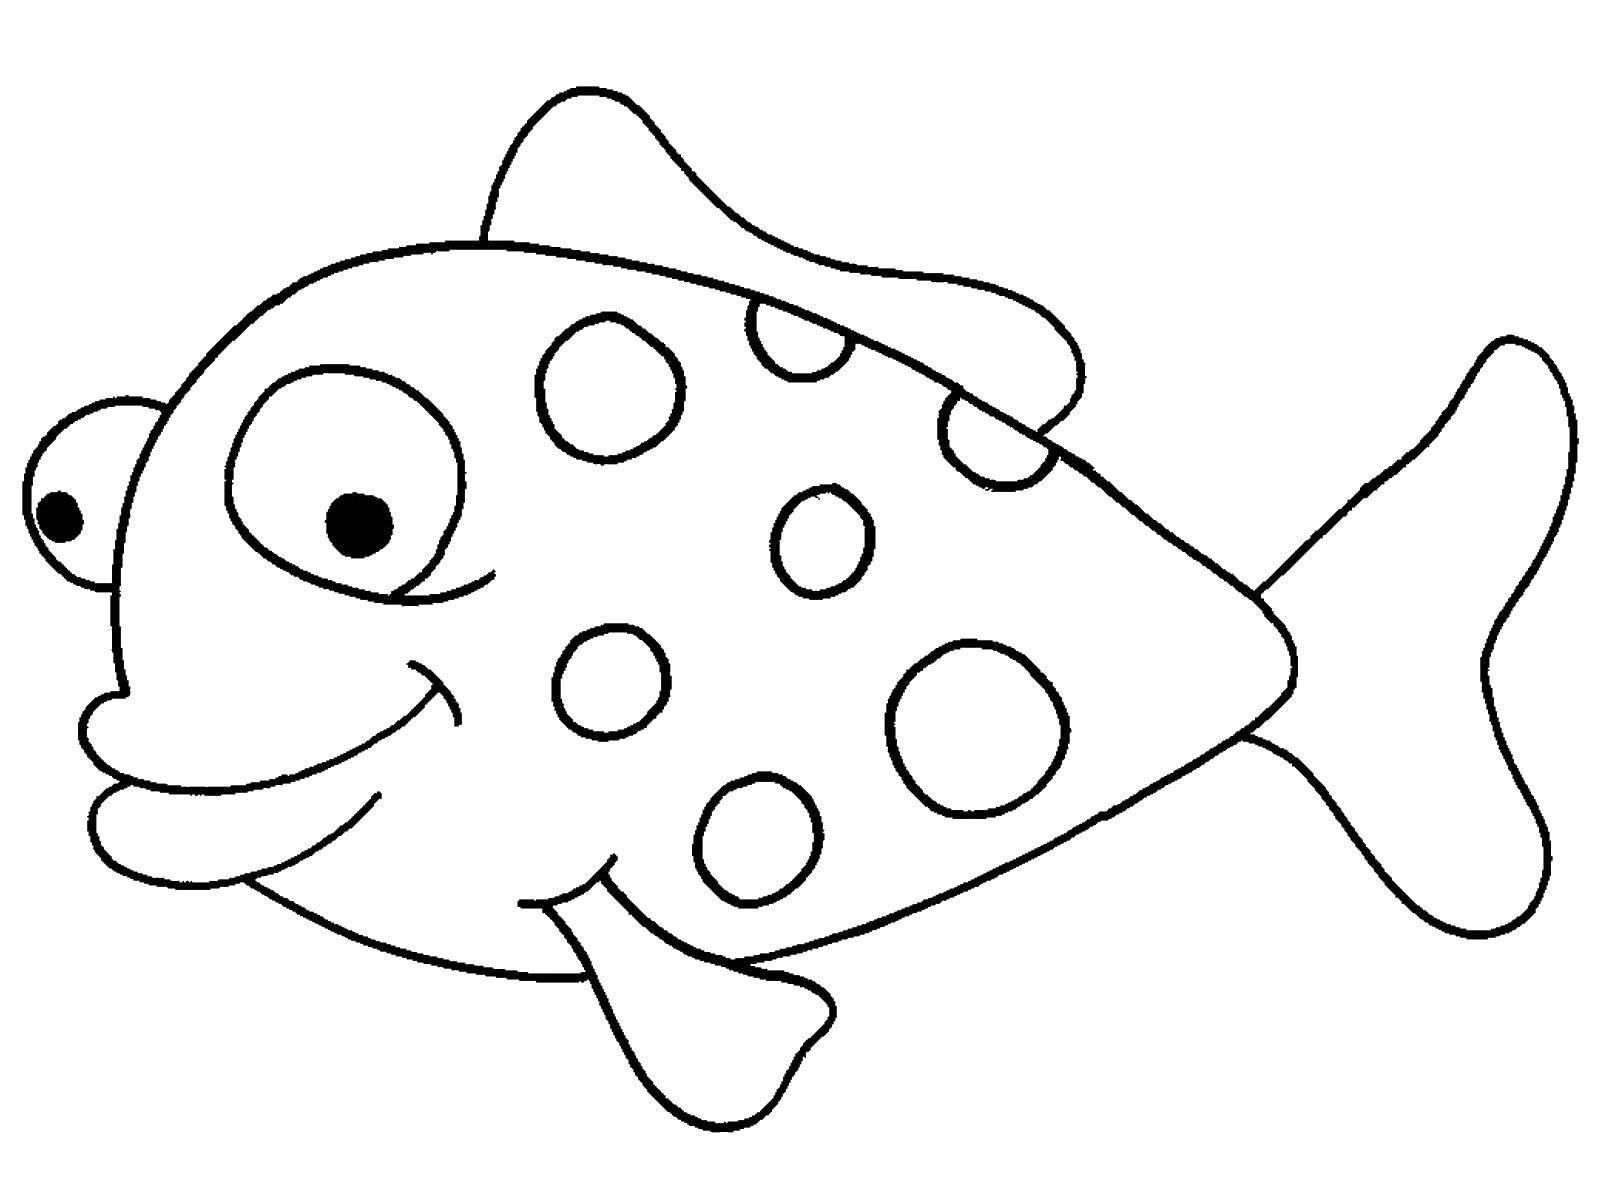 Распечатать раскраску рыбки, бесплатно